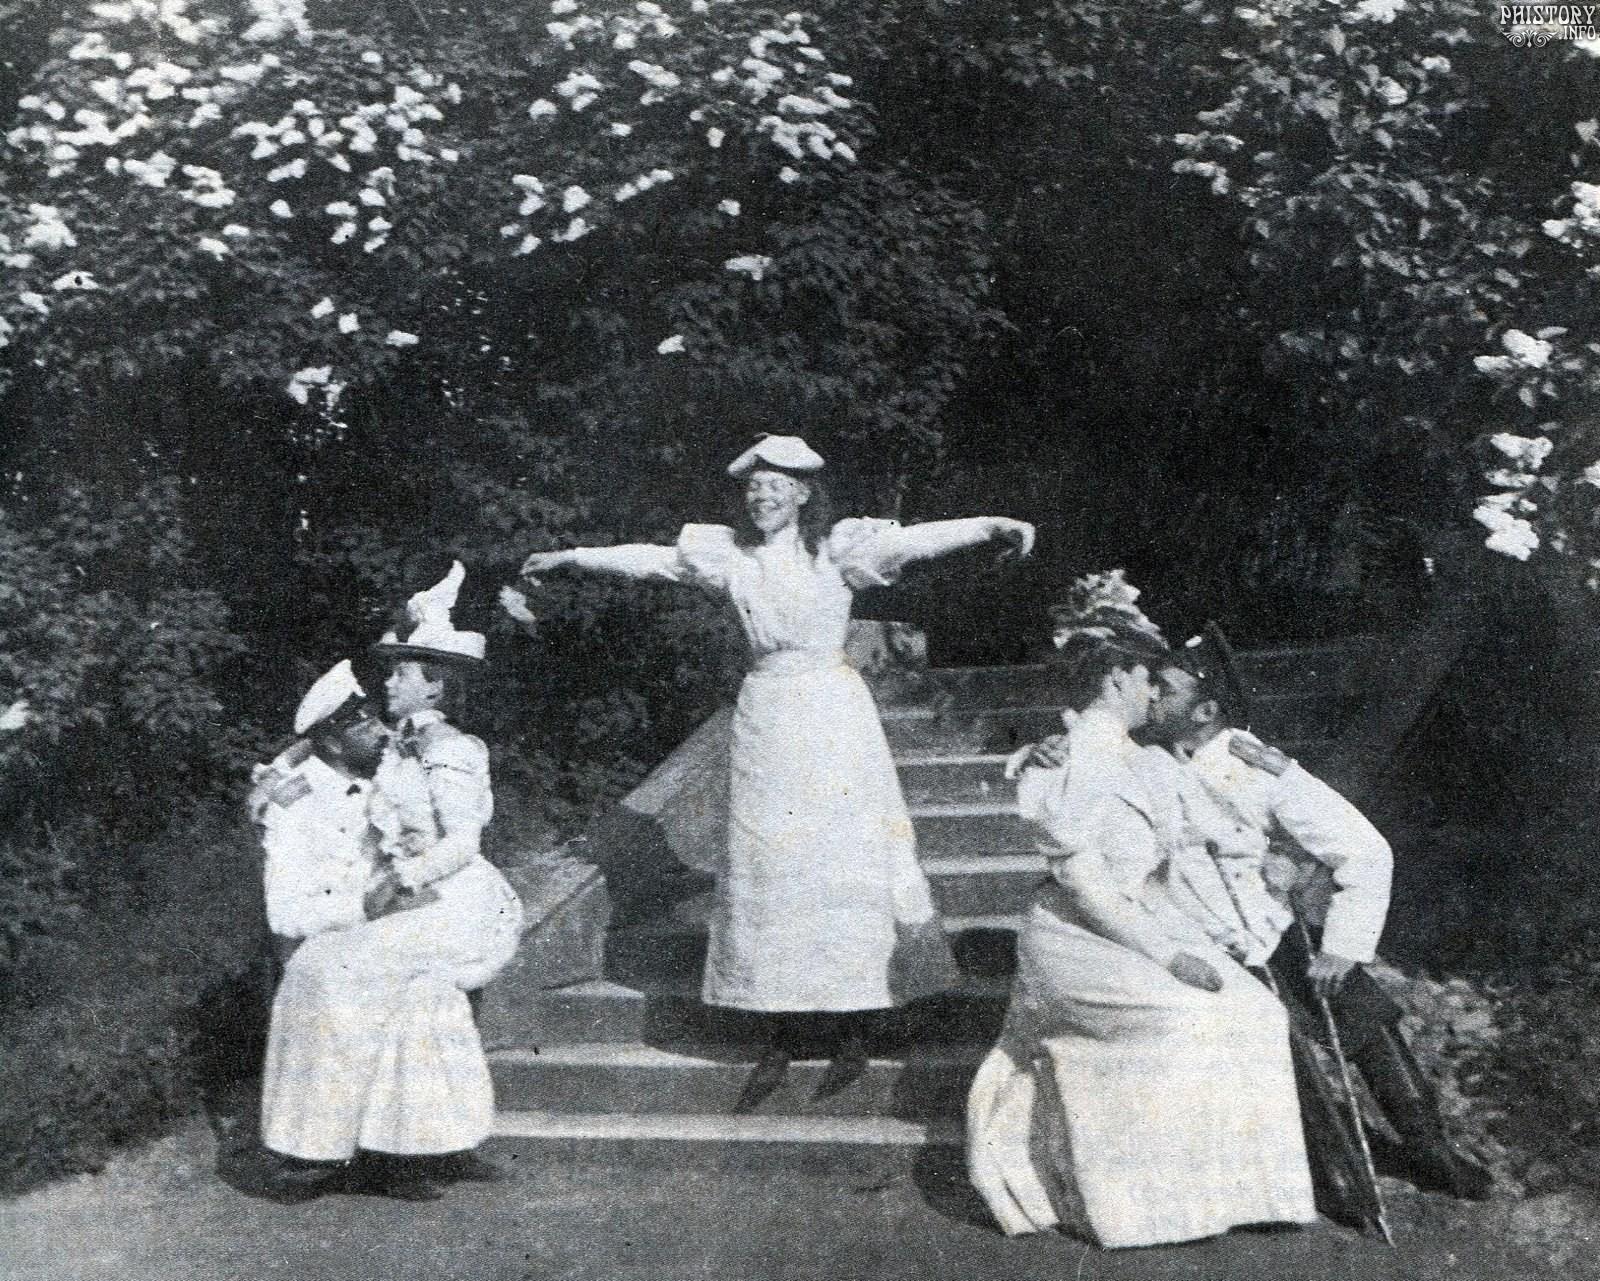 Гатчинский парк. Члены императорской семьи во время отдыха. 1897